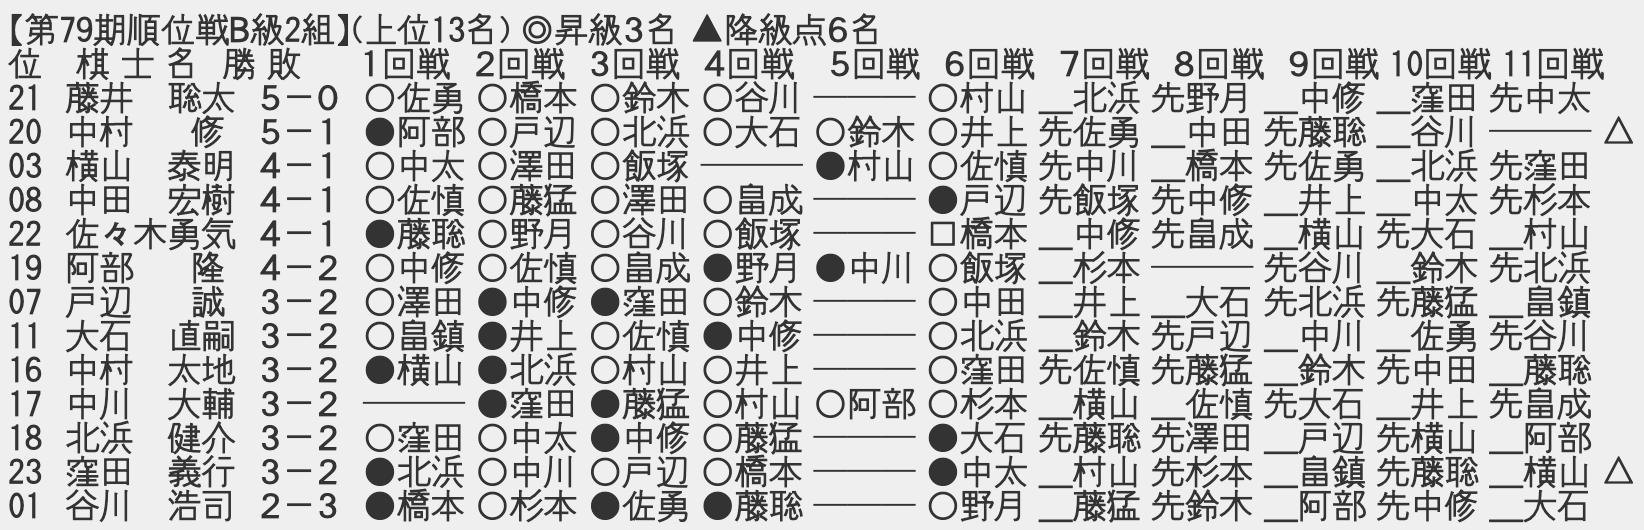 スクリーンショット 2020 11 11 23.05.27 - 【順位戦B級2組7回戦】藤井聡太二冠が6戦全勝